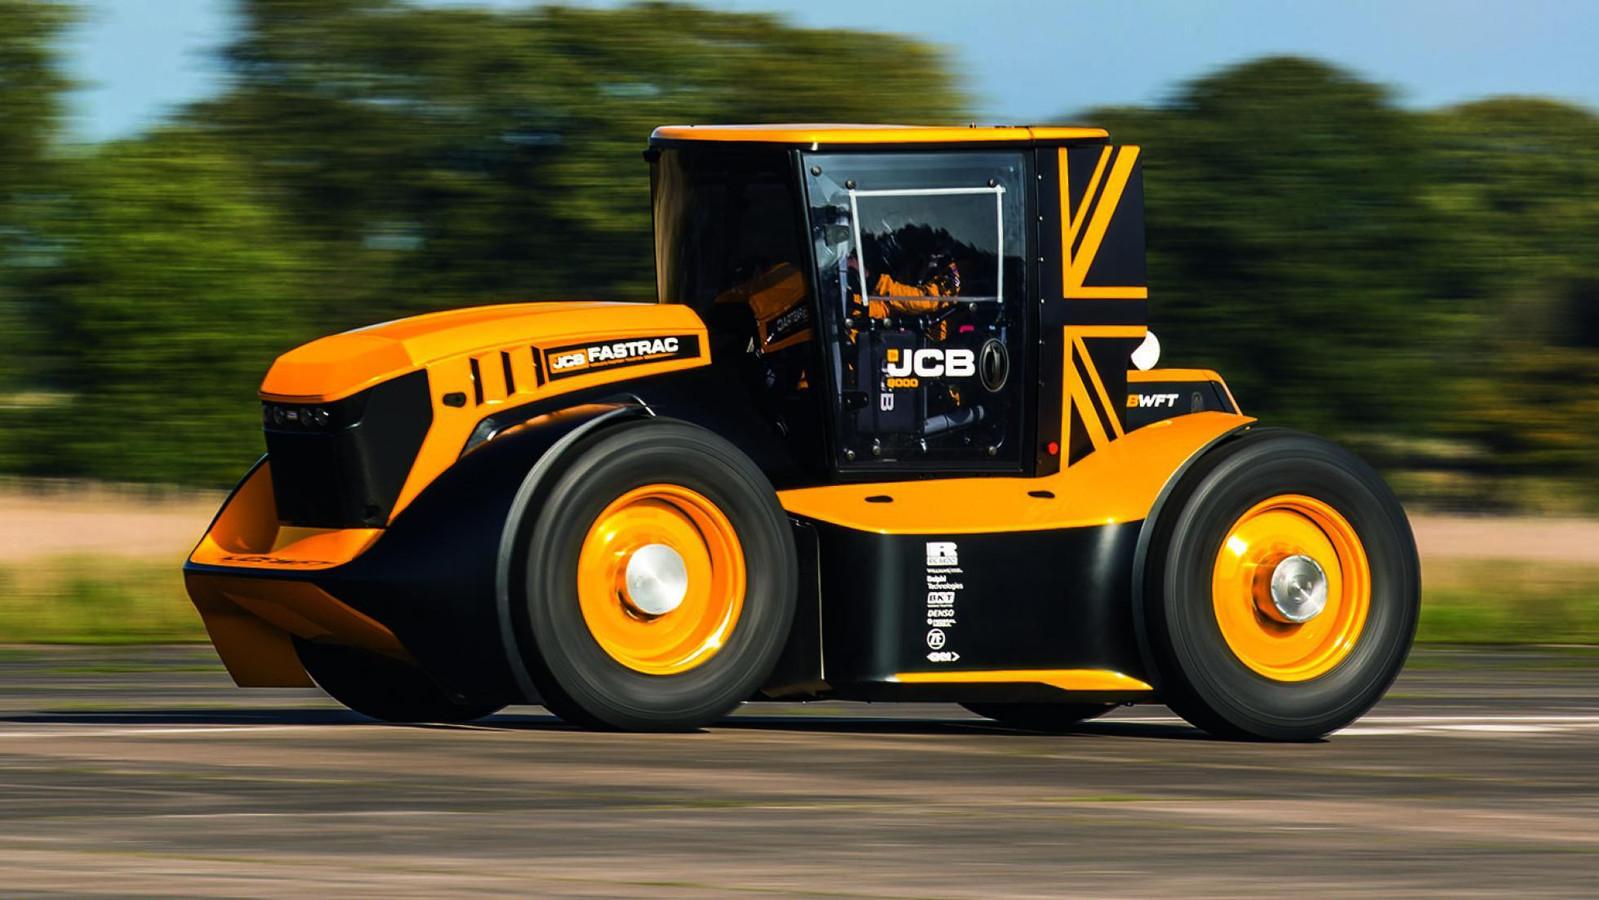 De JCB Fastrac Two mag zich de snelste trekker ter wereld noemen.